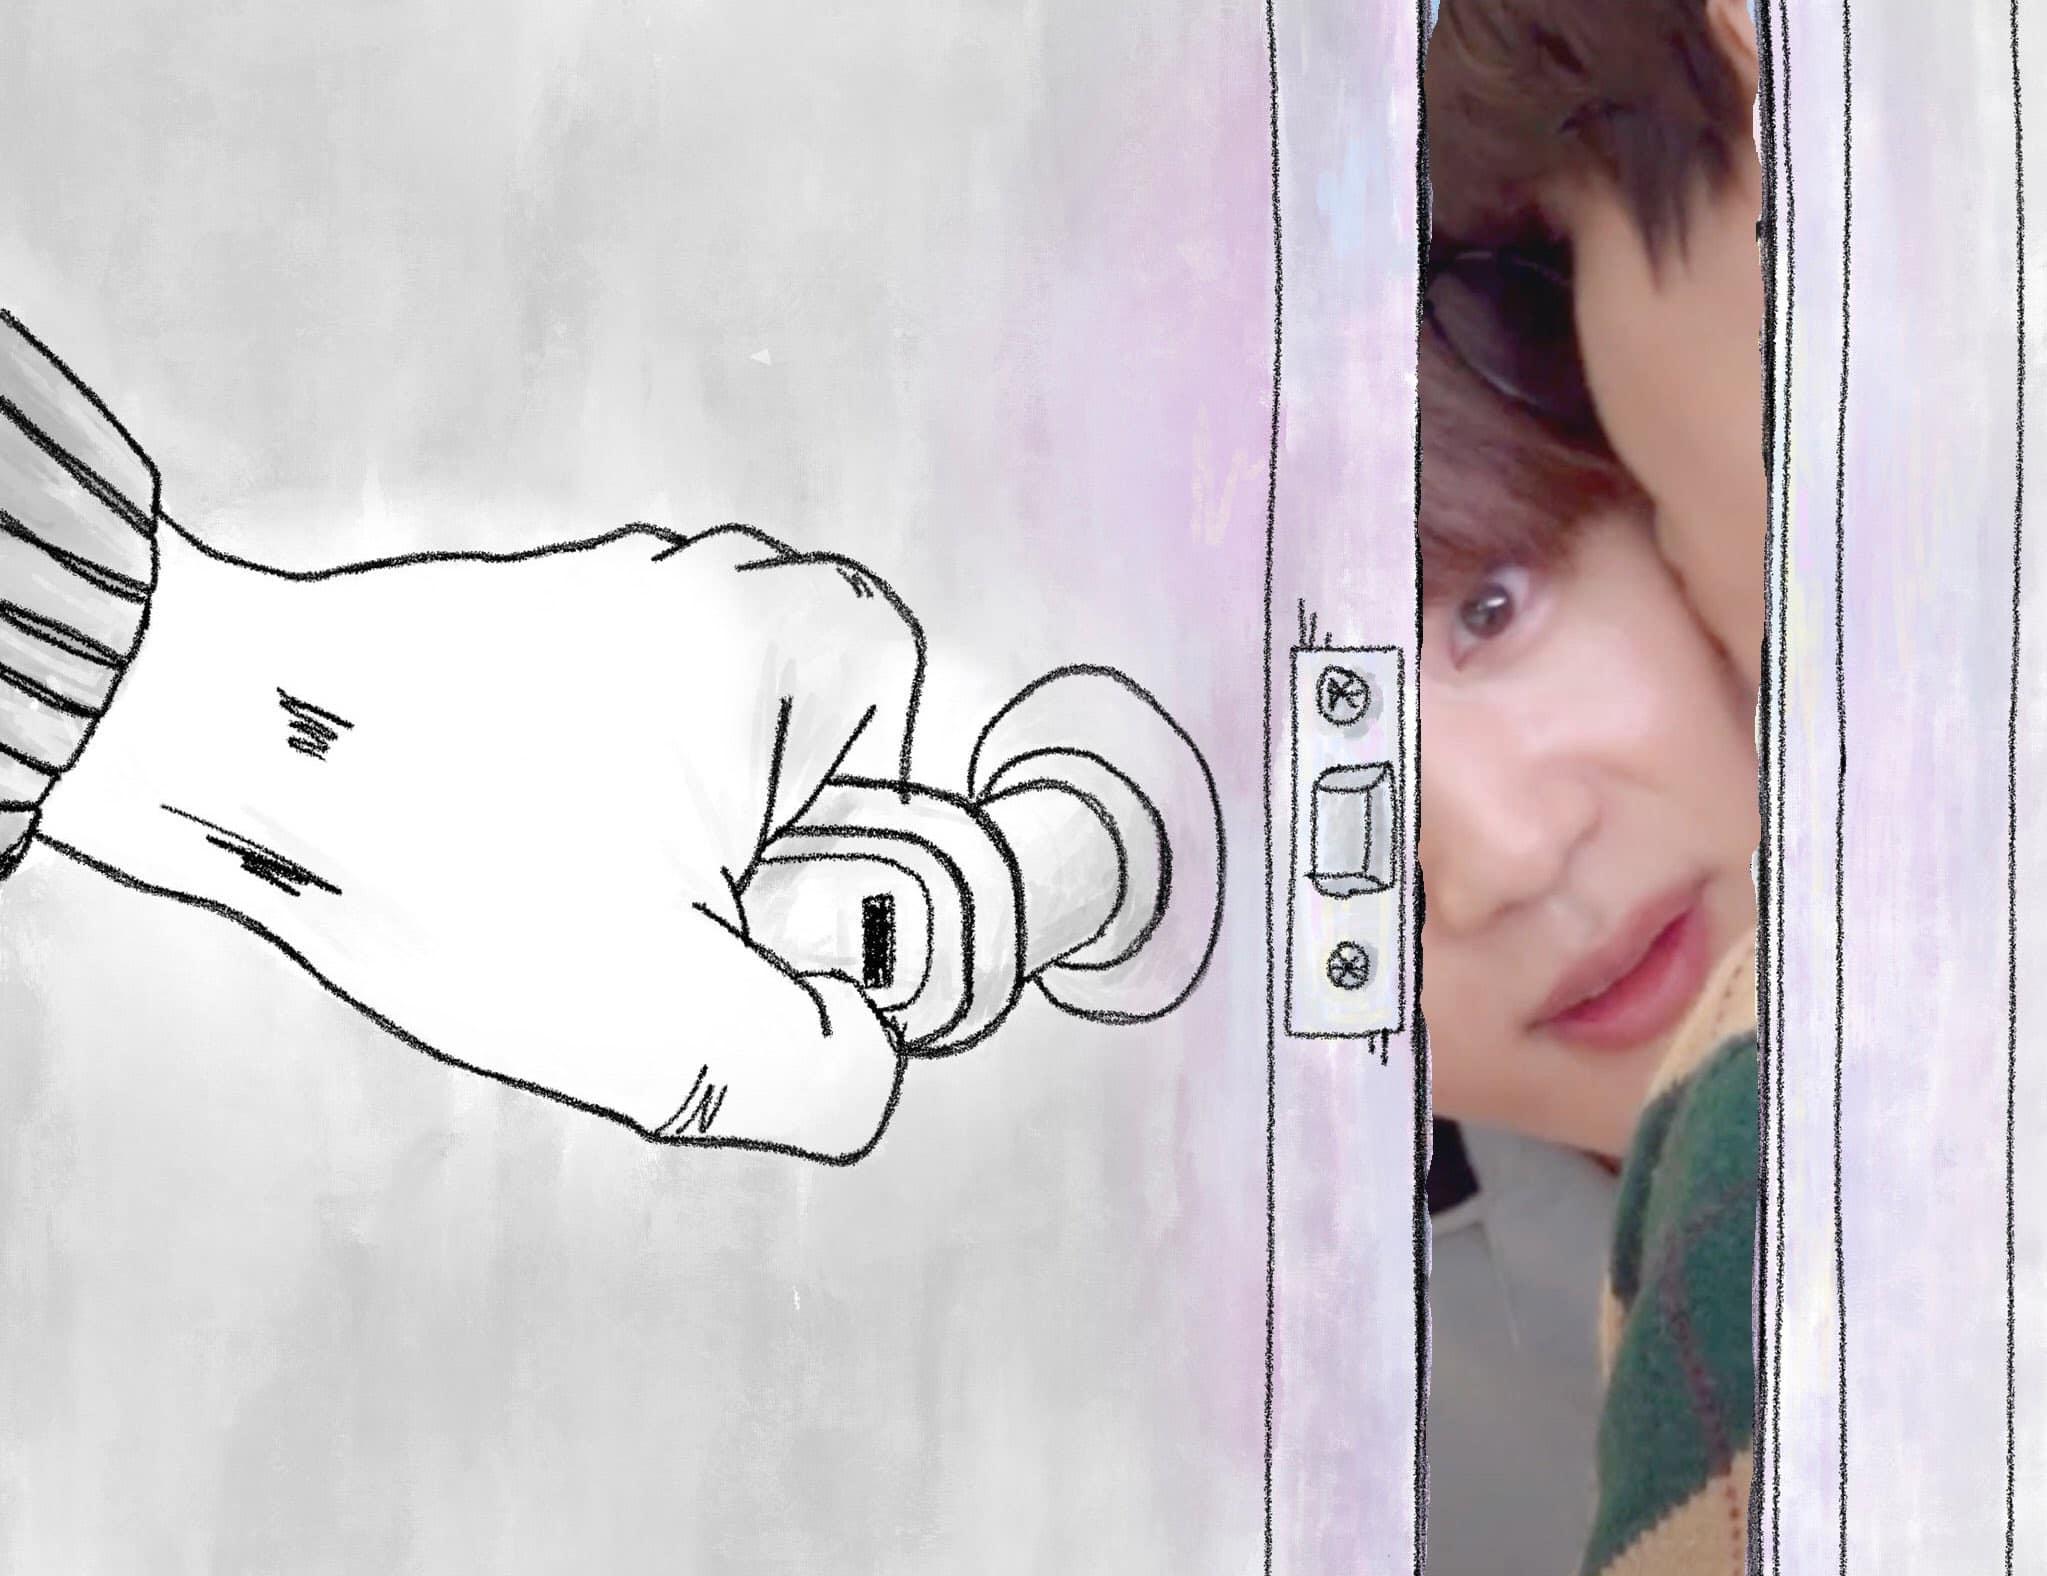 Khoảnh khắc dễ thương và hài hước của V - Jin trong tập Run mới nhất cũng được đem ra chế ảnh.